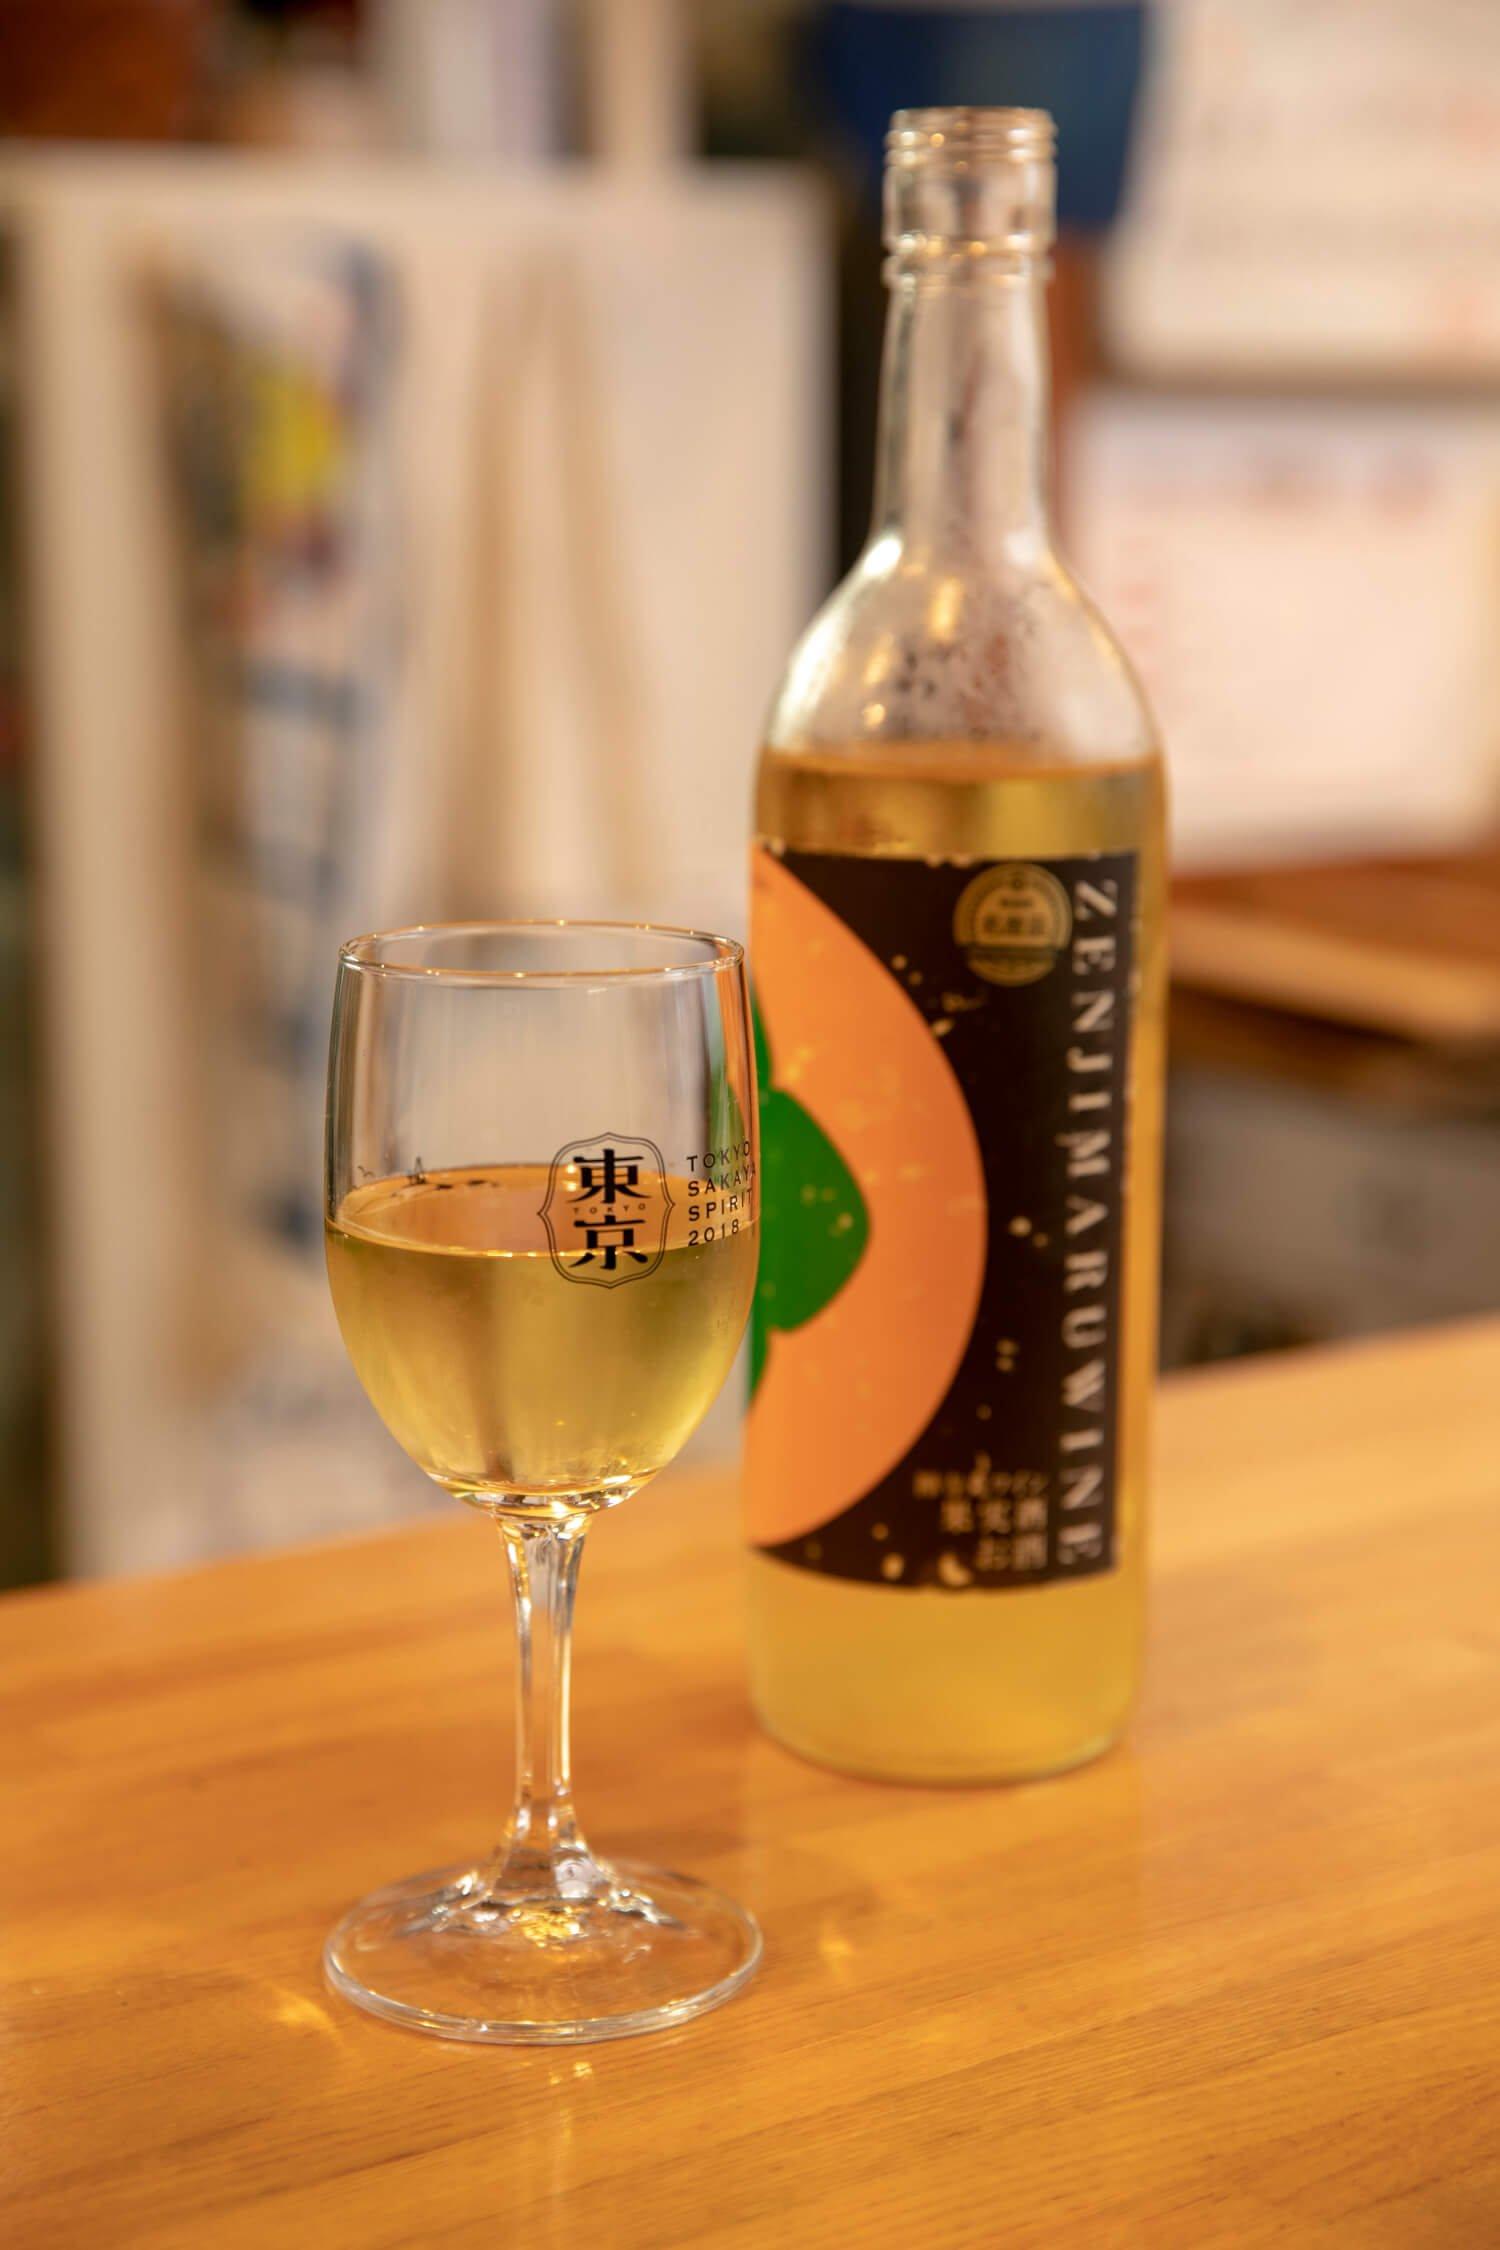 町田産の禅寺丸柿の果汁を加えた禅寺丸柿ワイン400円。